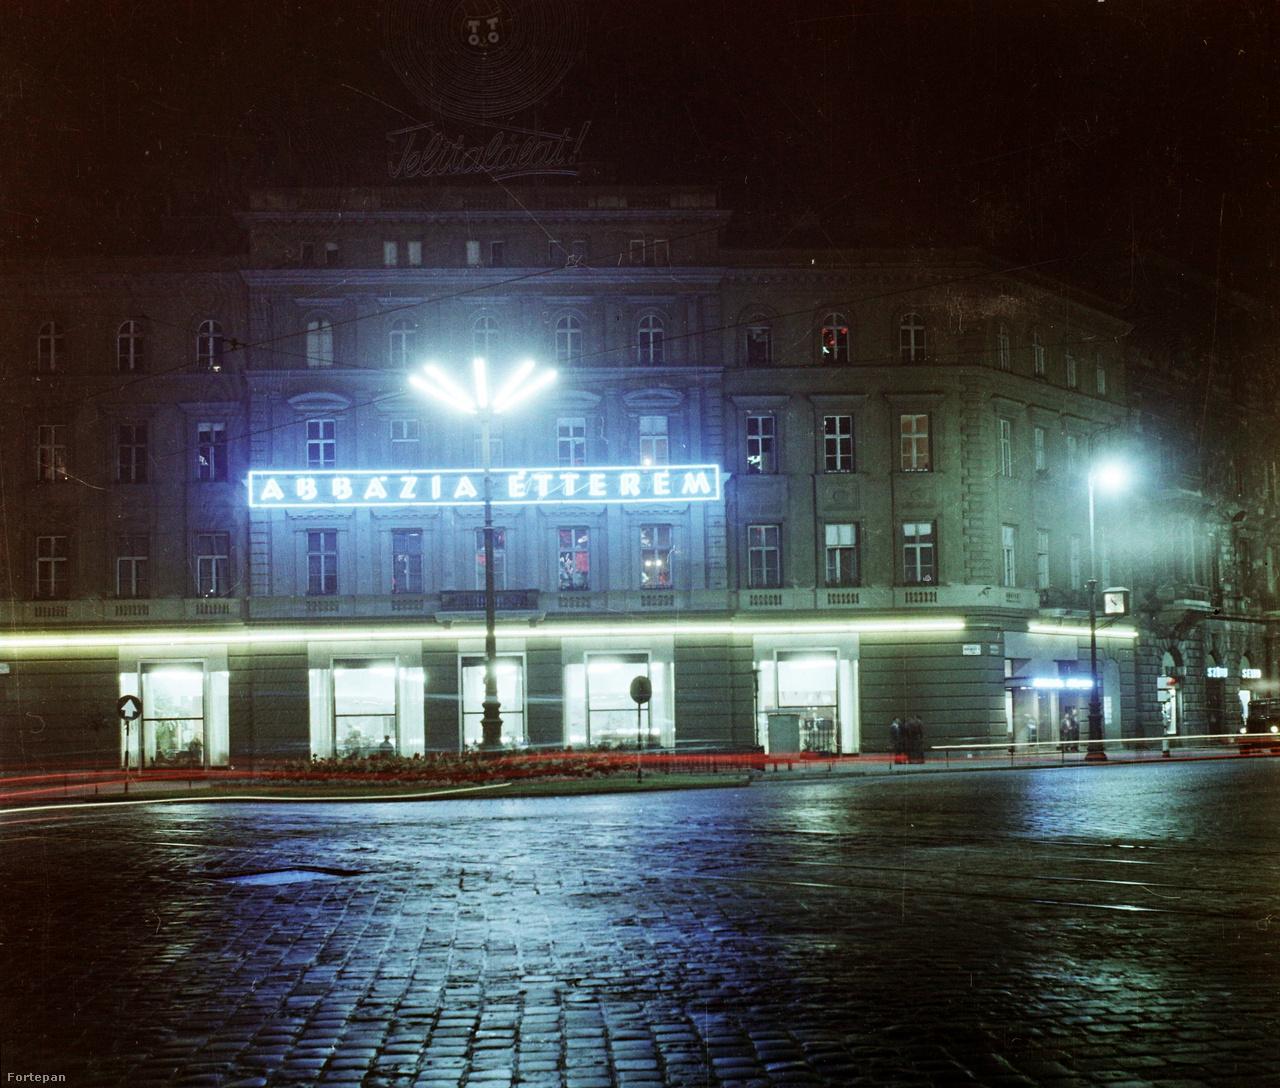 Az Abbázia Étterem portálja az Oktogonon. Az épület tetején megfigyelhető a kétezres évek közepén leszerelt Telitalálat! neon.